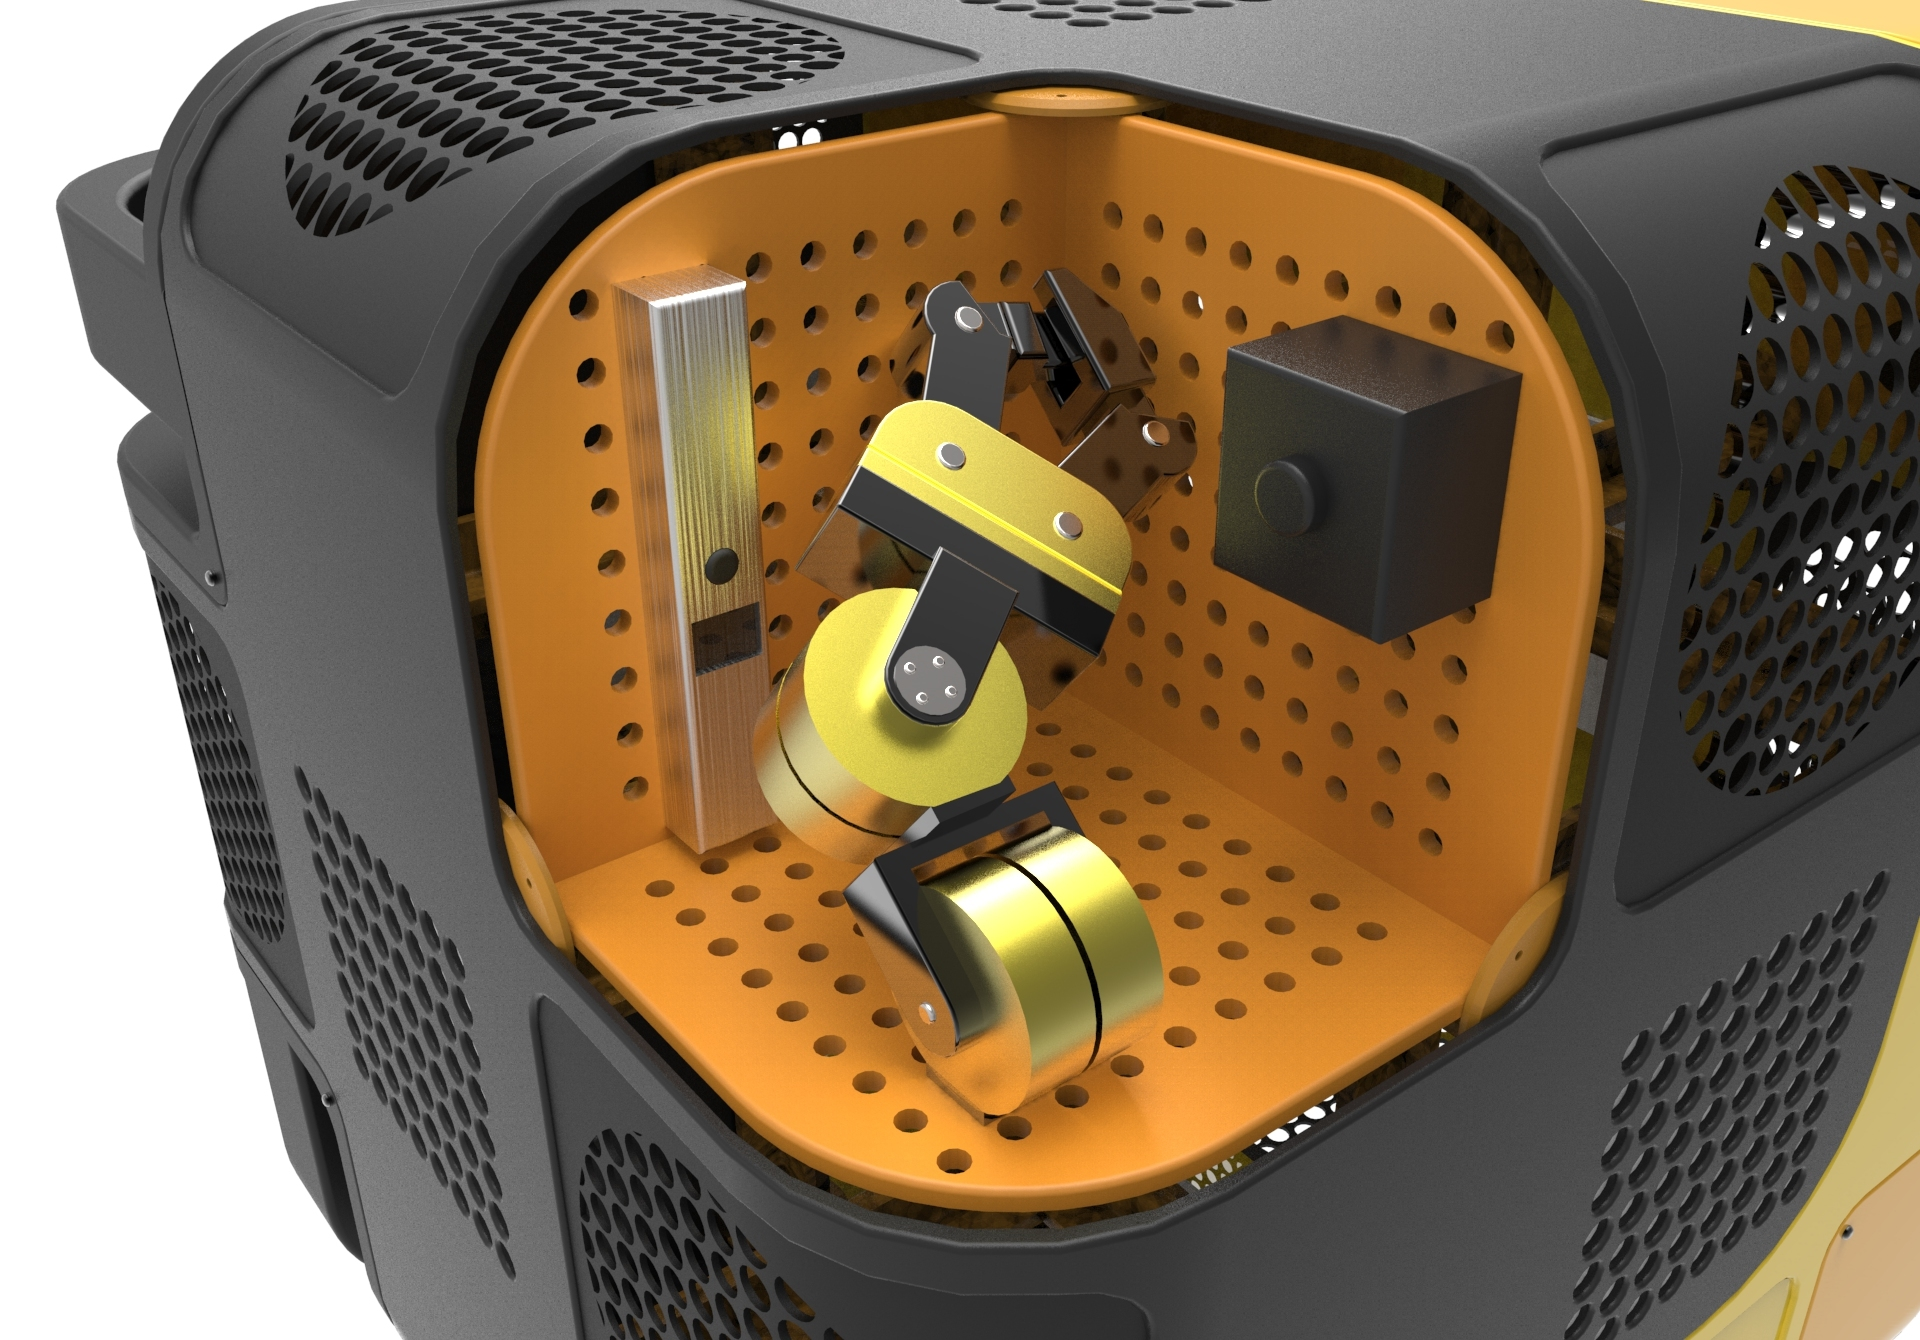 NASA crowdsourcing design of robotic arm - FedScoop